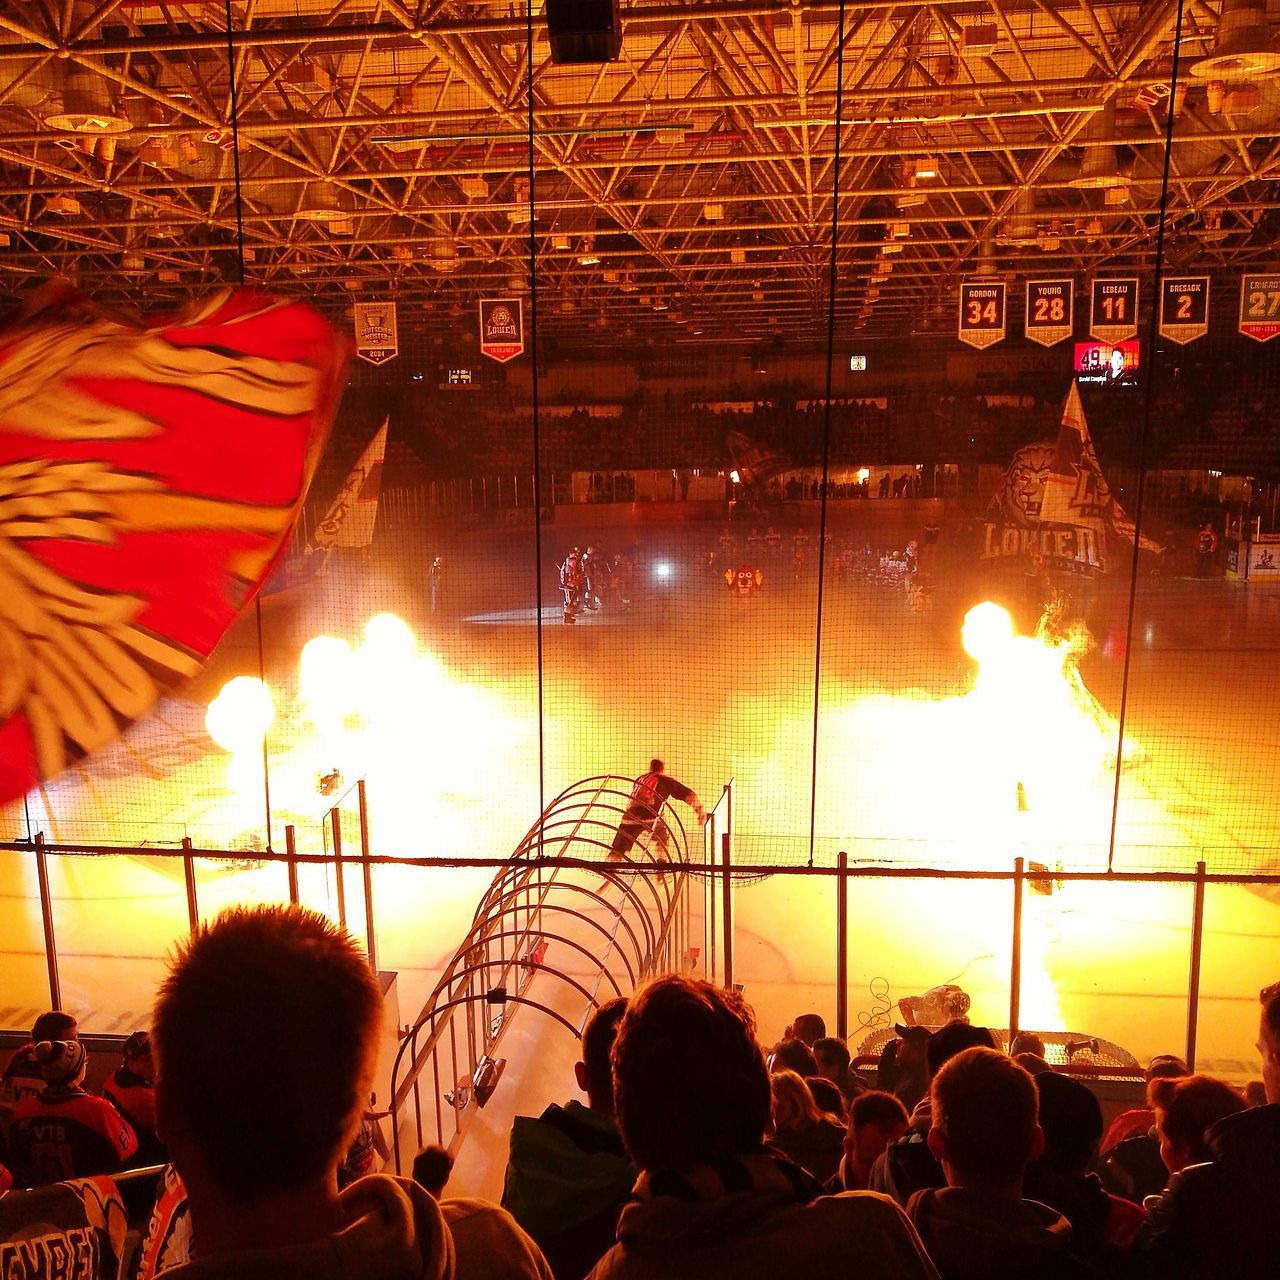 Heimspiel Löwen Frankfurt. Saison 2016/2017. Eishockey Löwen Frankfurt Del2 Frankfurt Hockey Germany Stadion Stadium Fire Pregame Show Deutschland First Eyeem Photo Audience Sport Sports Eishockey HuaweiP9 Leicacamera